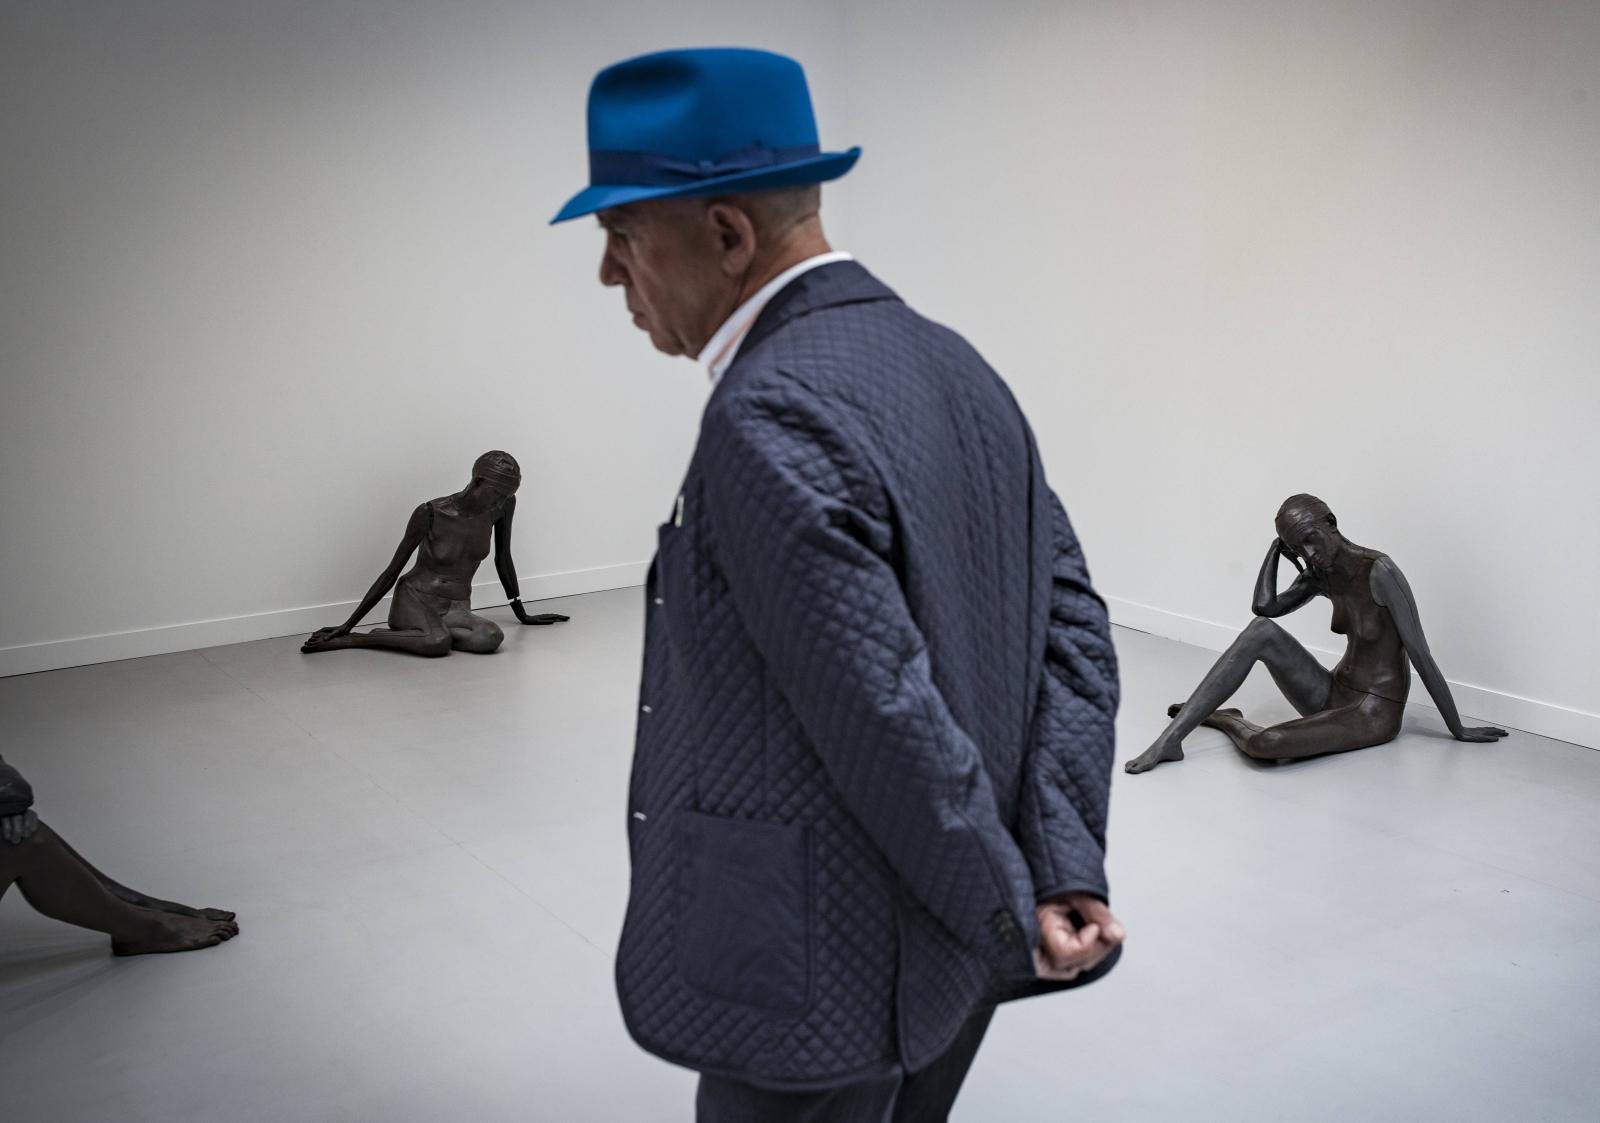 Zwiedzający kontempluje sztukę szwajcarskiego artysty Ugo Rondinone w International Contemporary Art Fair w Paryżu.